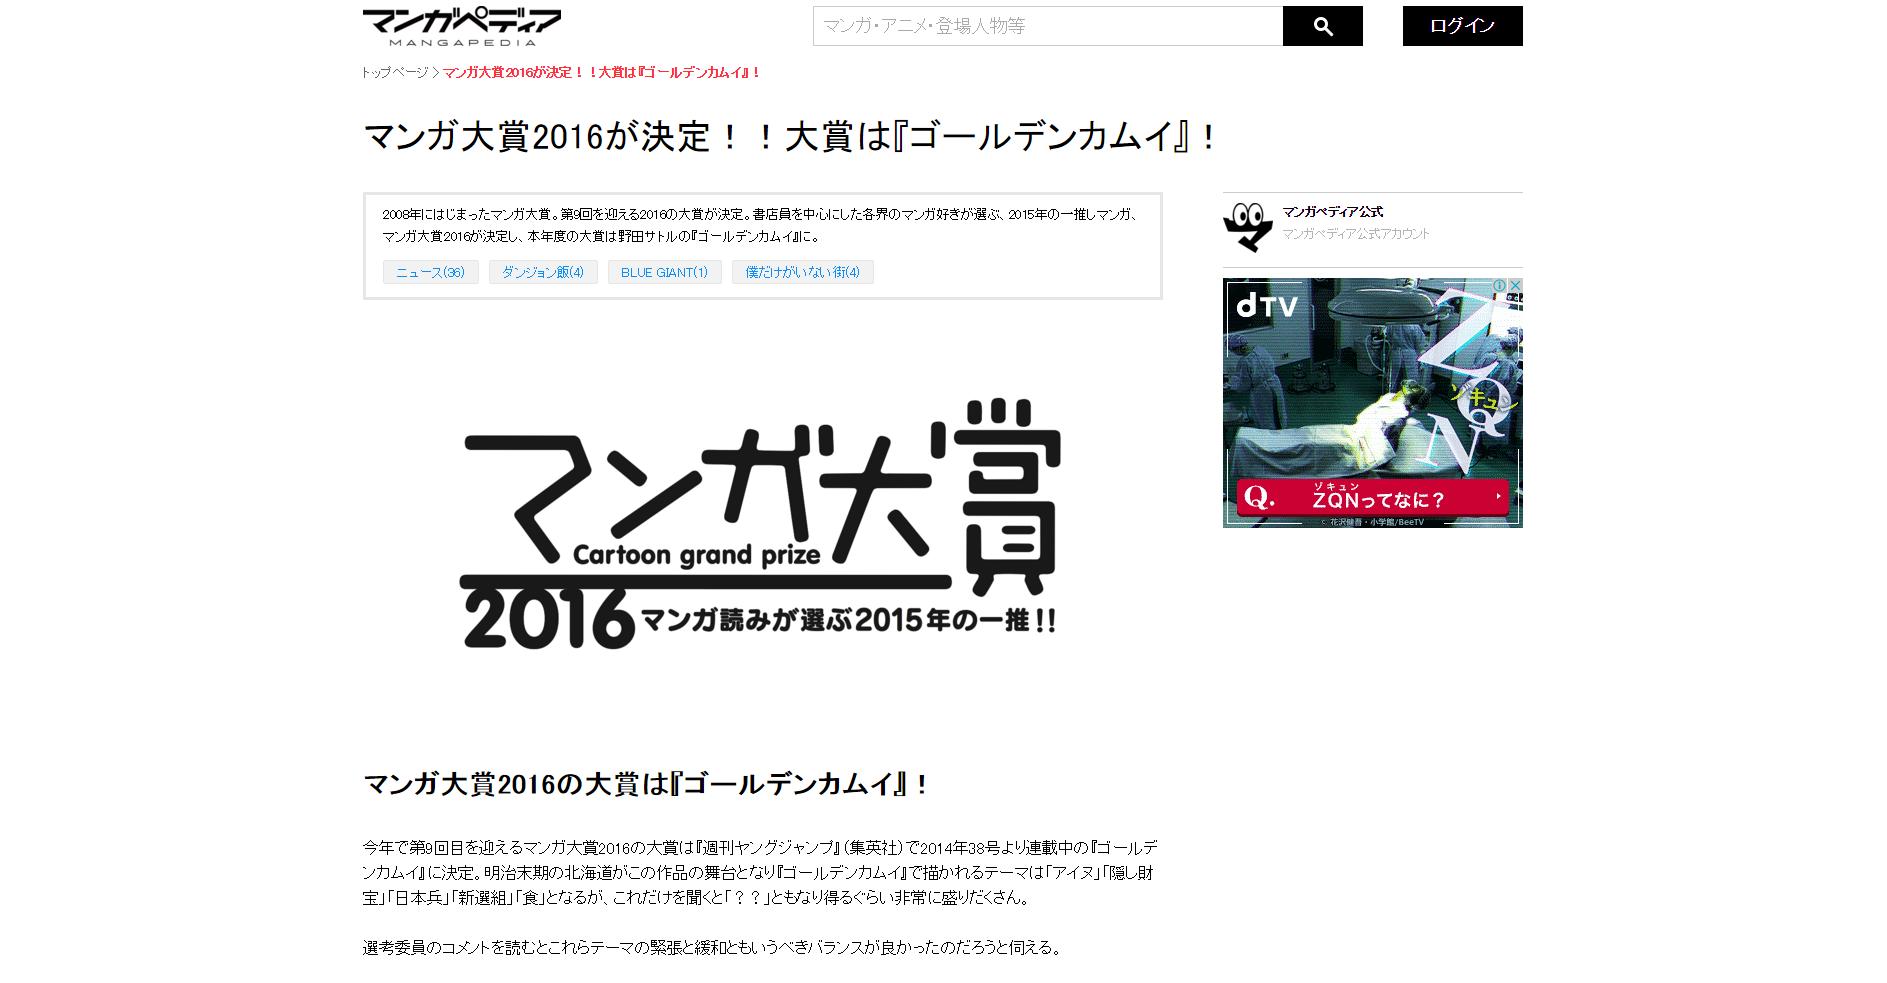 マンガペディア過去記事:マンガ大賞2016が決定!!大賞は『ゴールデンカムイ』!